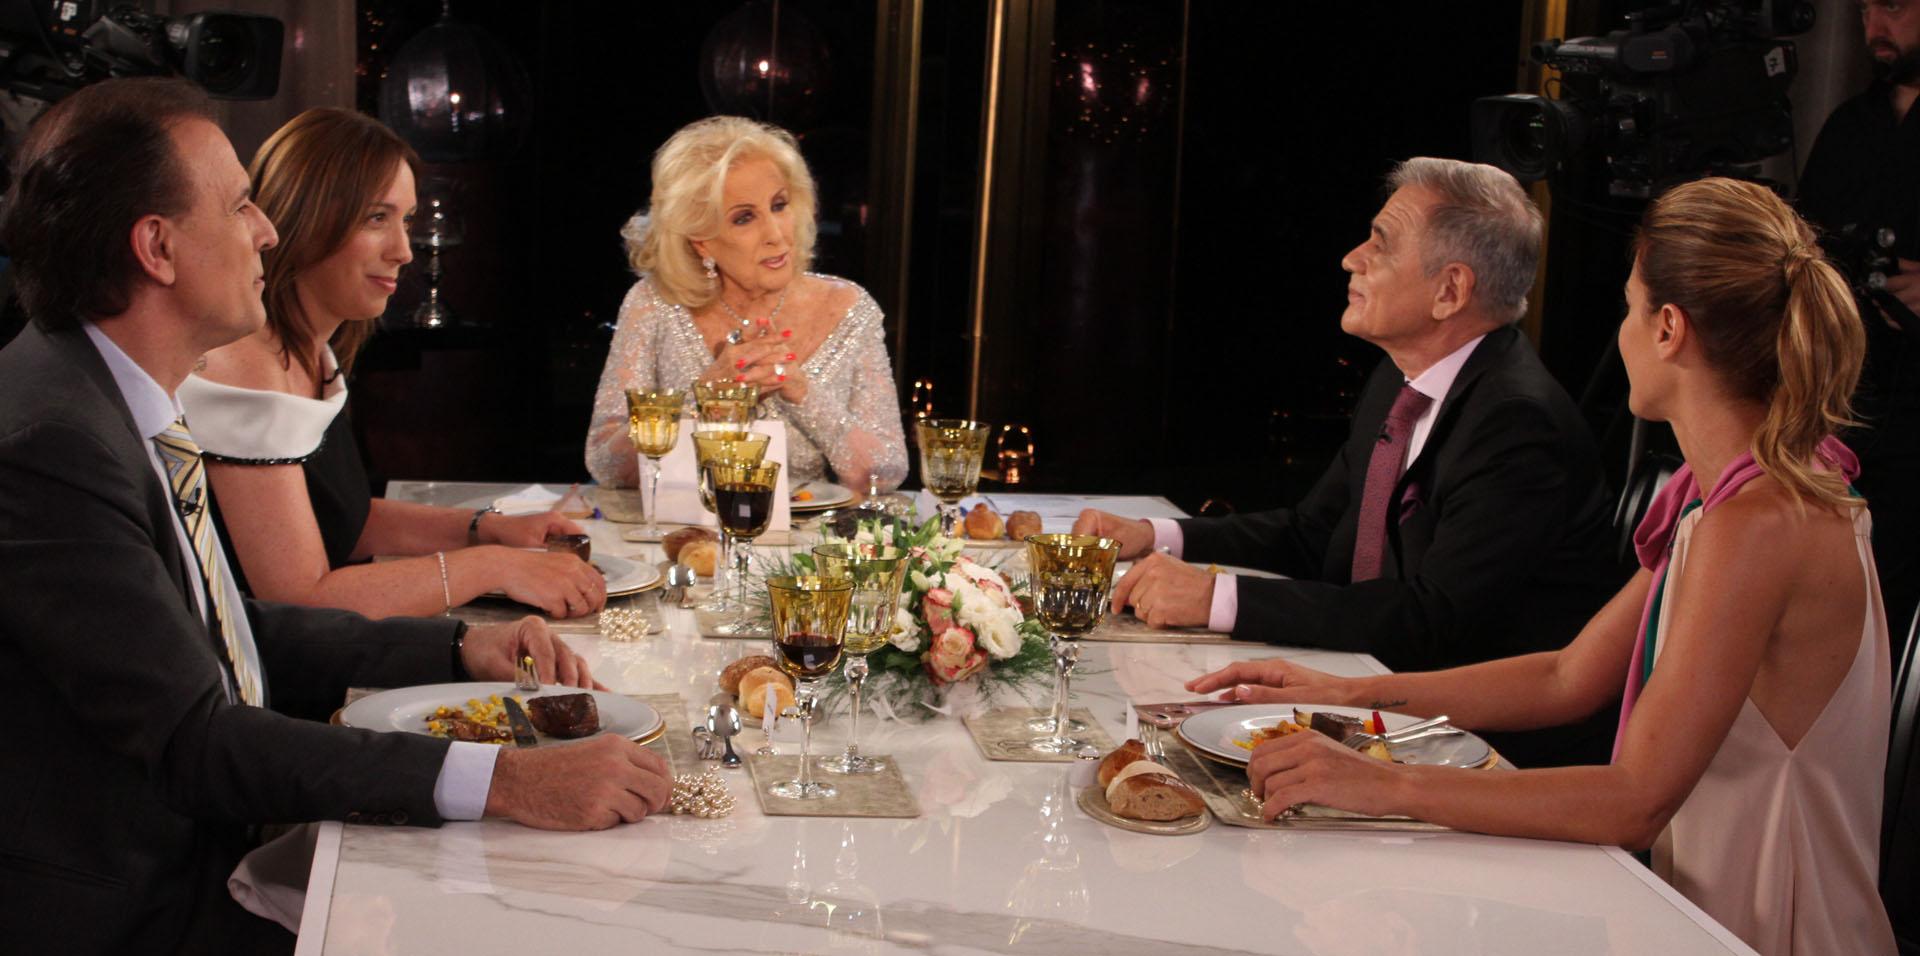 La mesa la completaron Daniel Santoro, Julio Bazán y Eugenia Tobal